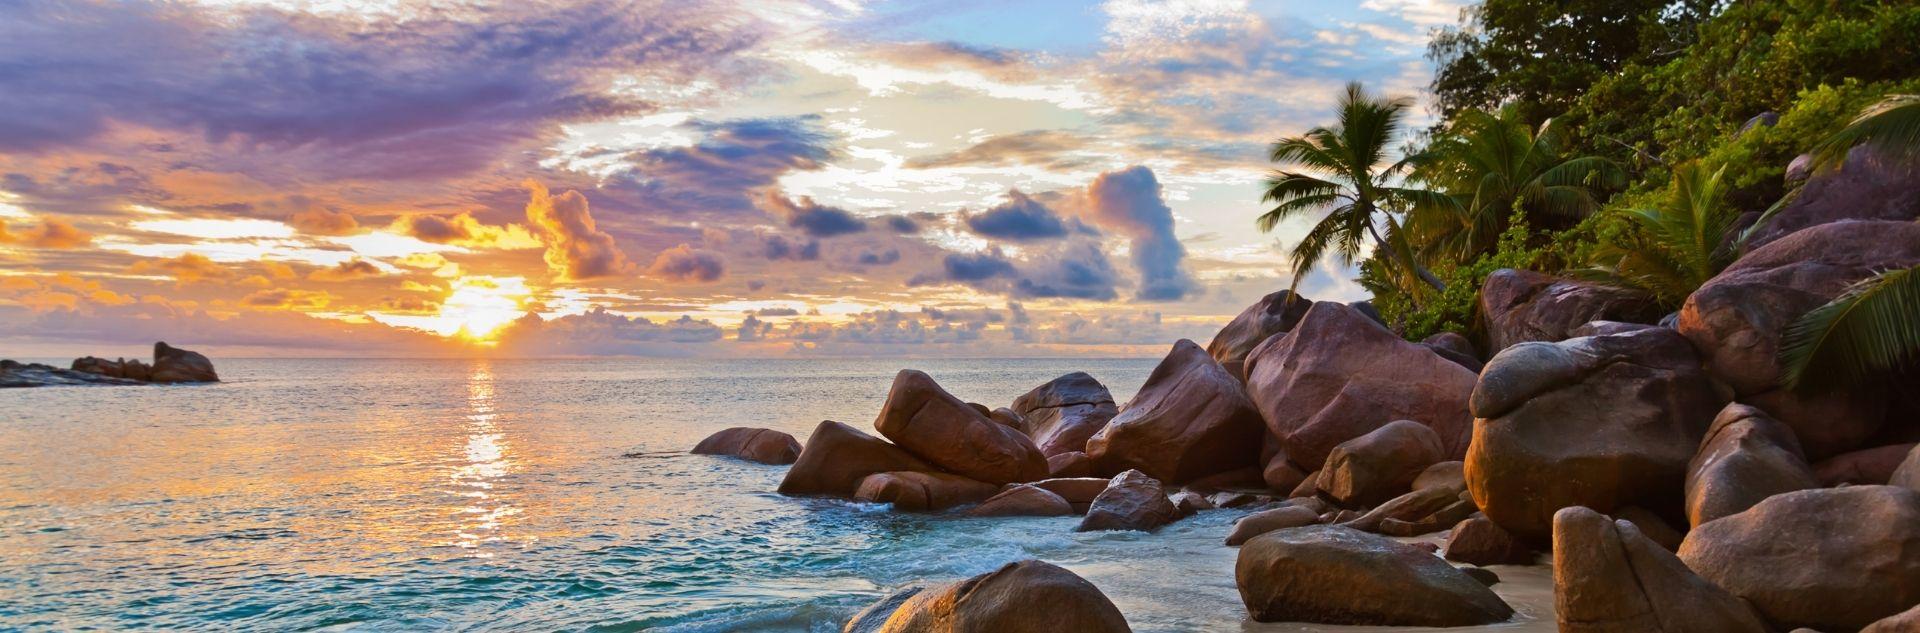 Seychellen abends